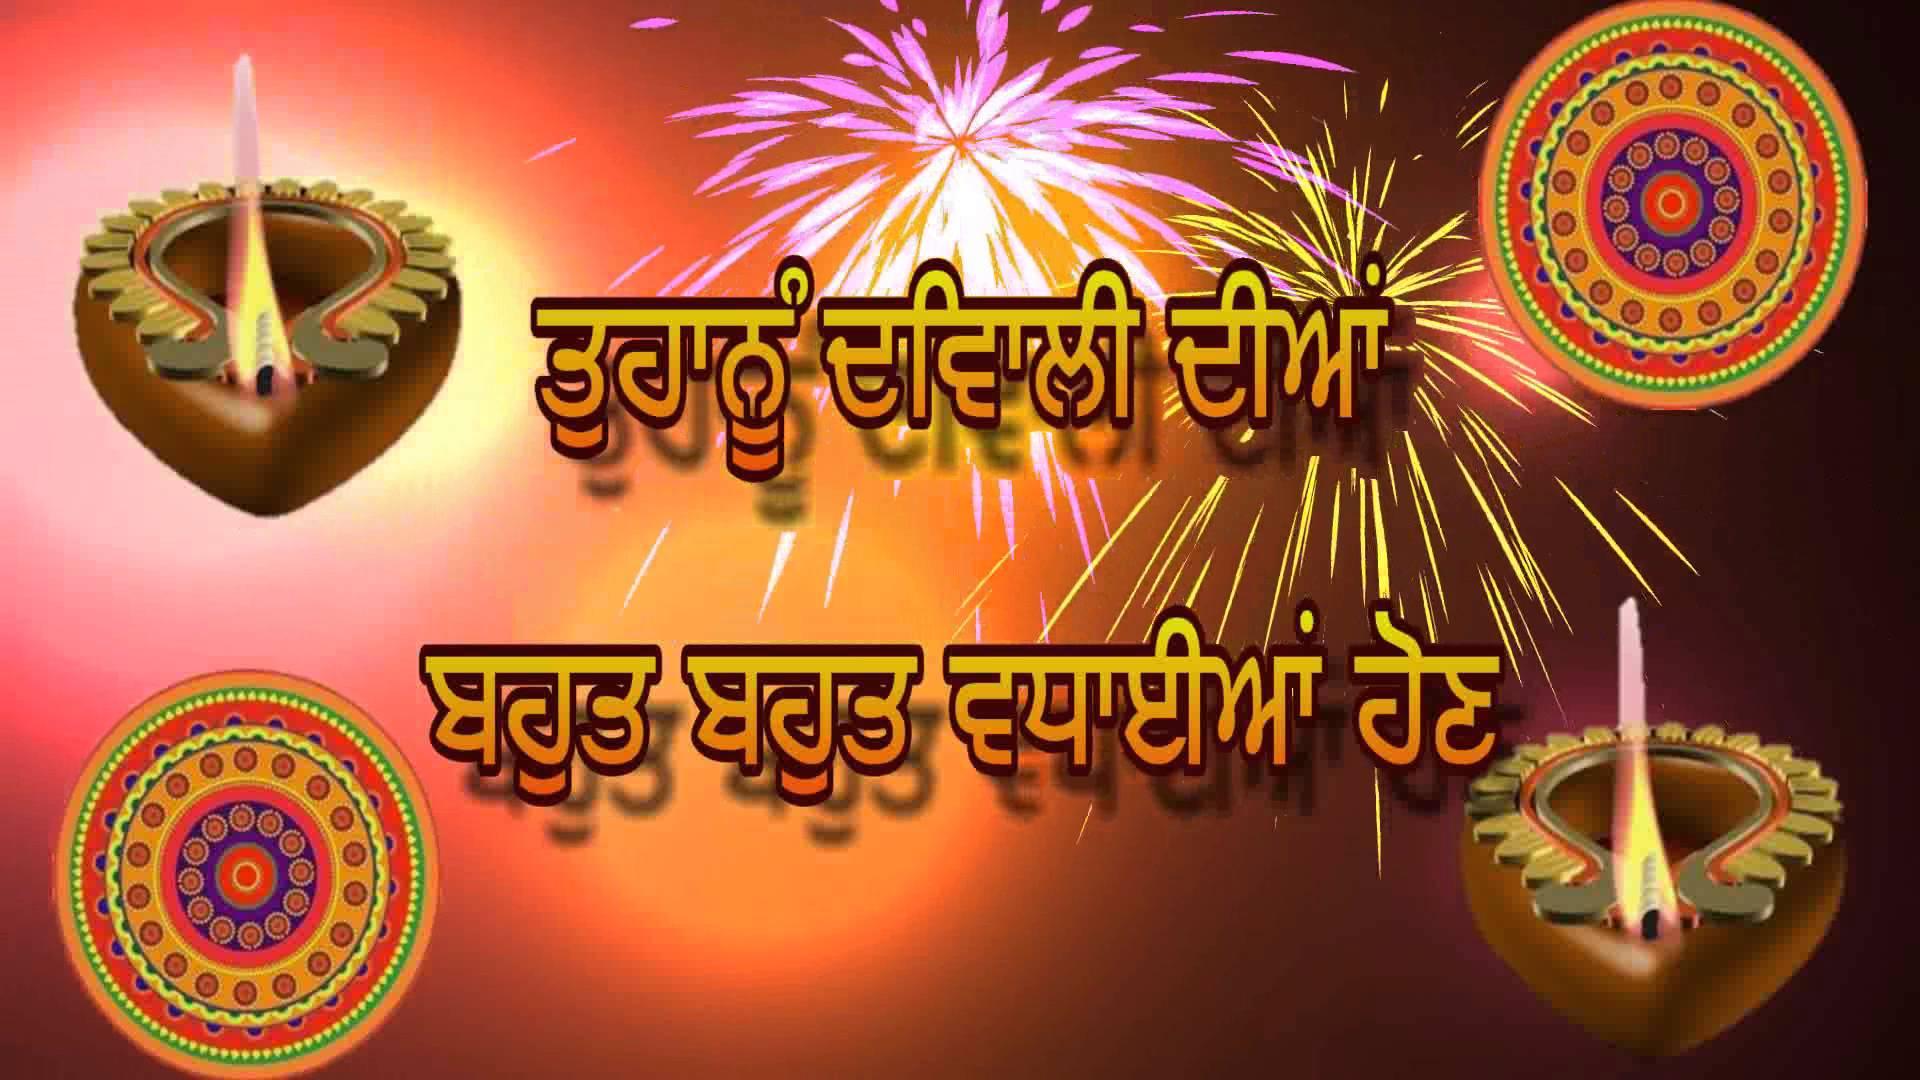 Happy Diwali Images in Punjabi fonts